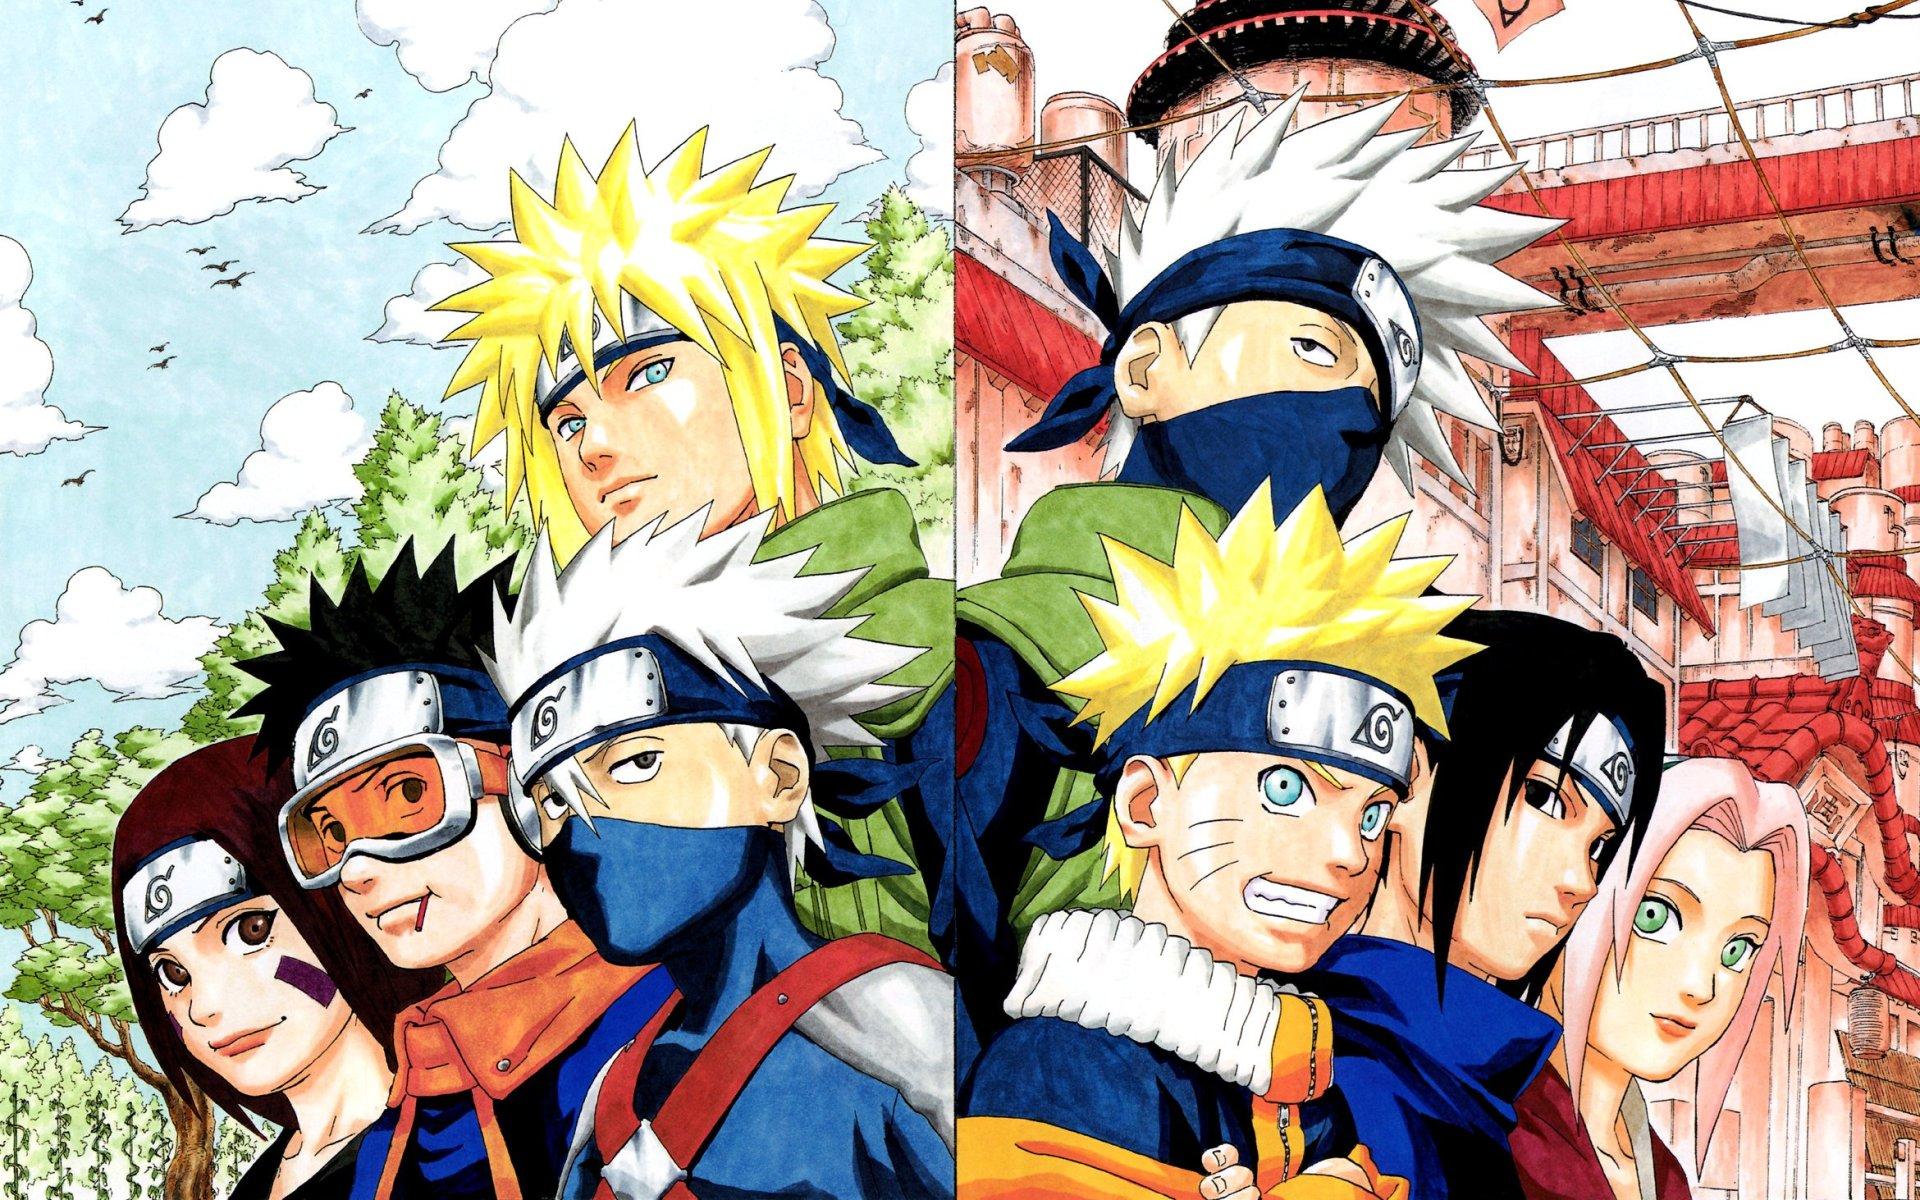 Bộ hình nền nhóm Naruto